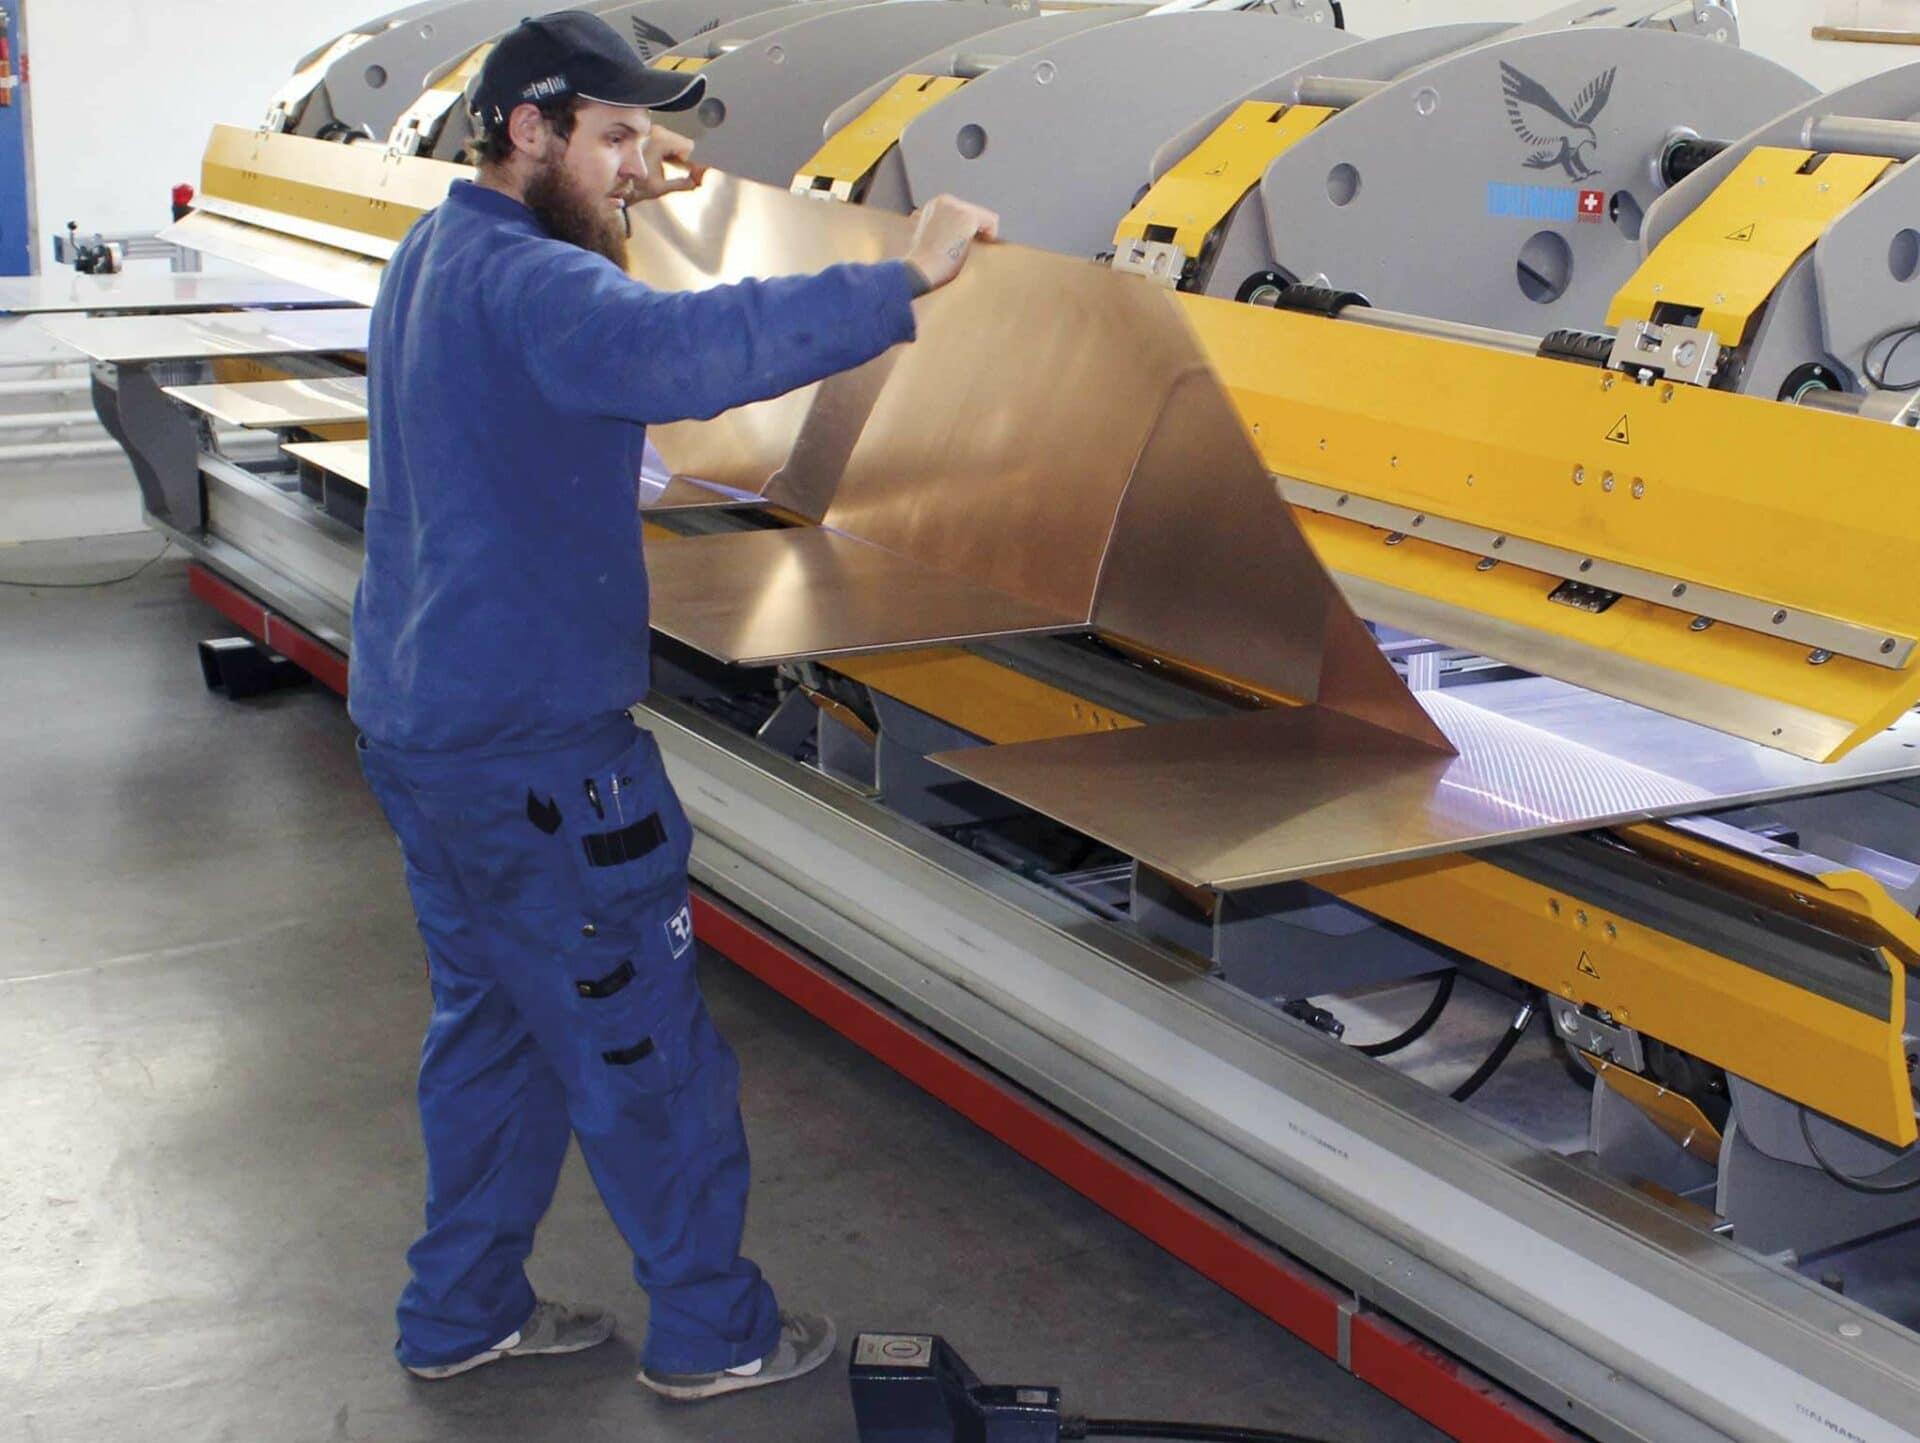 EINFACHES MATERIALHANDLING:Selbst lange Bleche können dank des automatischen Blecheinlege- und Wendetischs von nur einem Mitarbeiter verarbeitet werden.